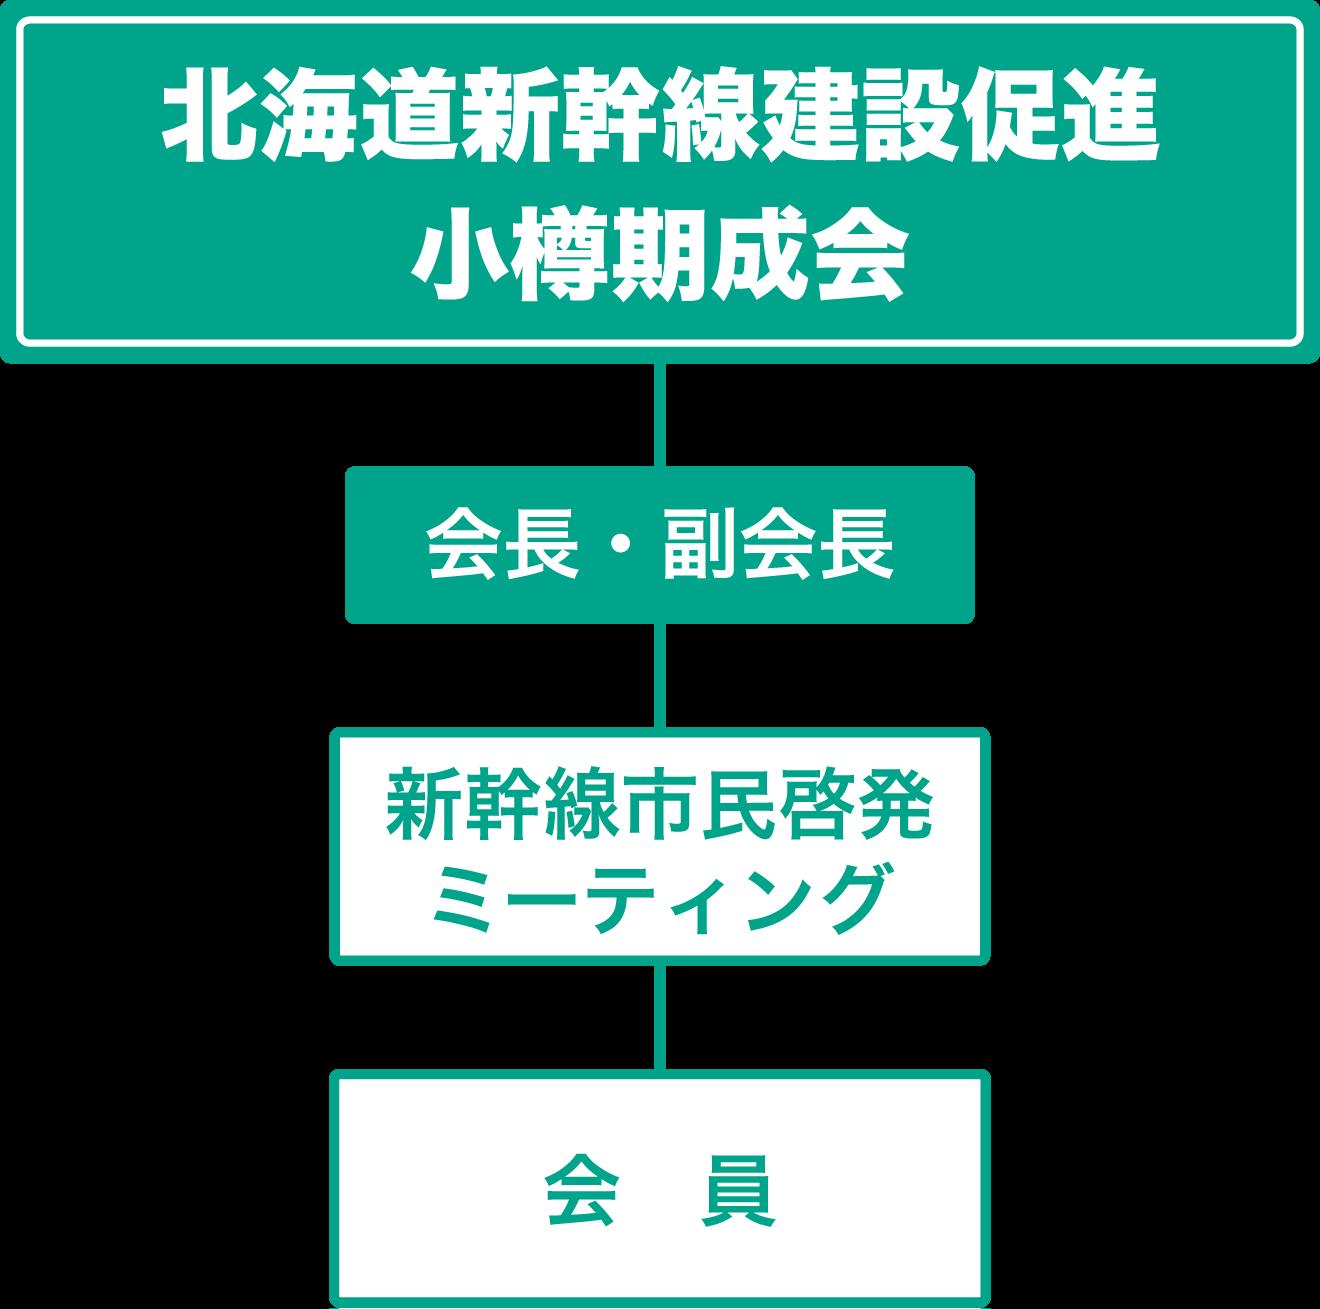 北海道新幹線建設促進小樽期成会組織図